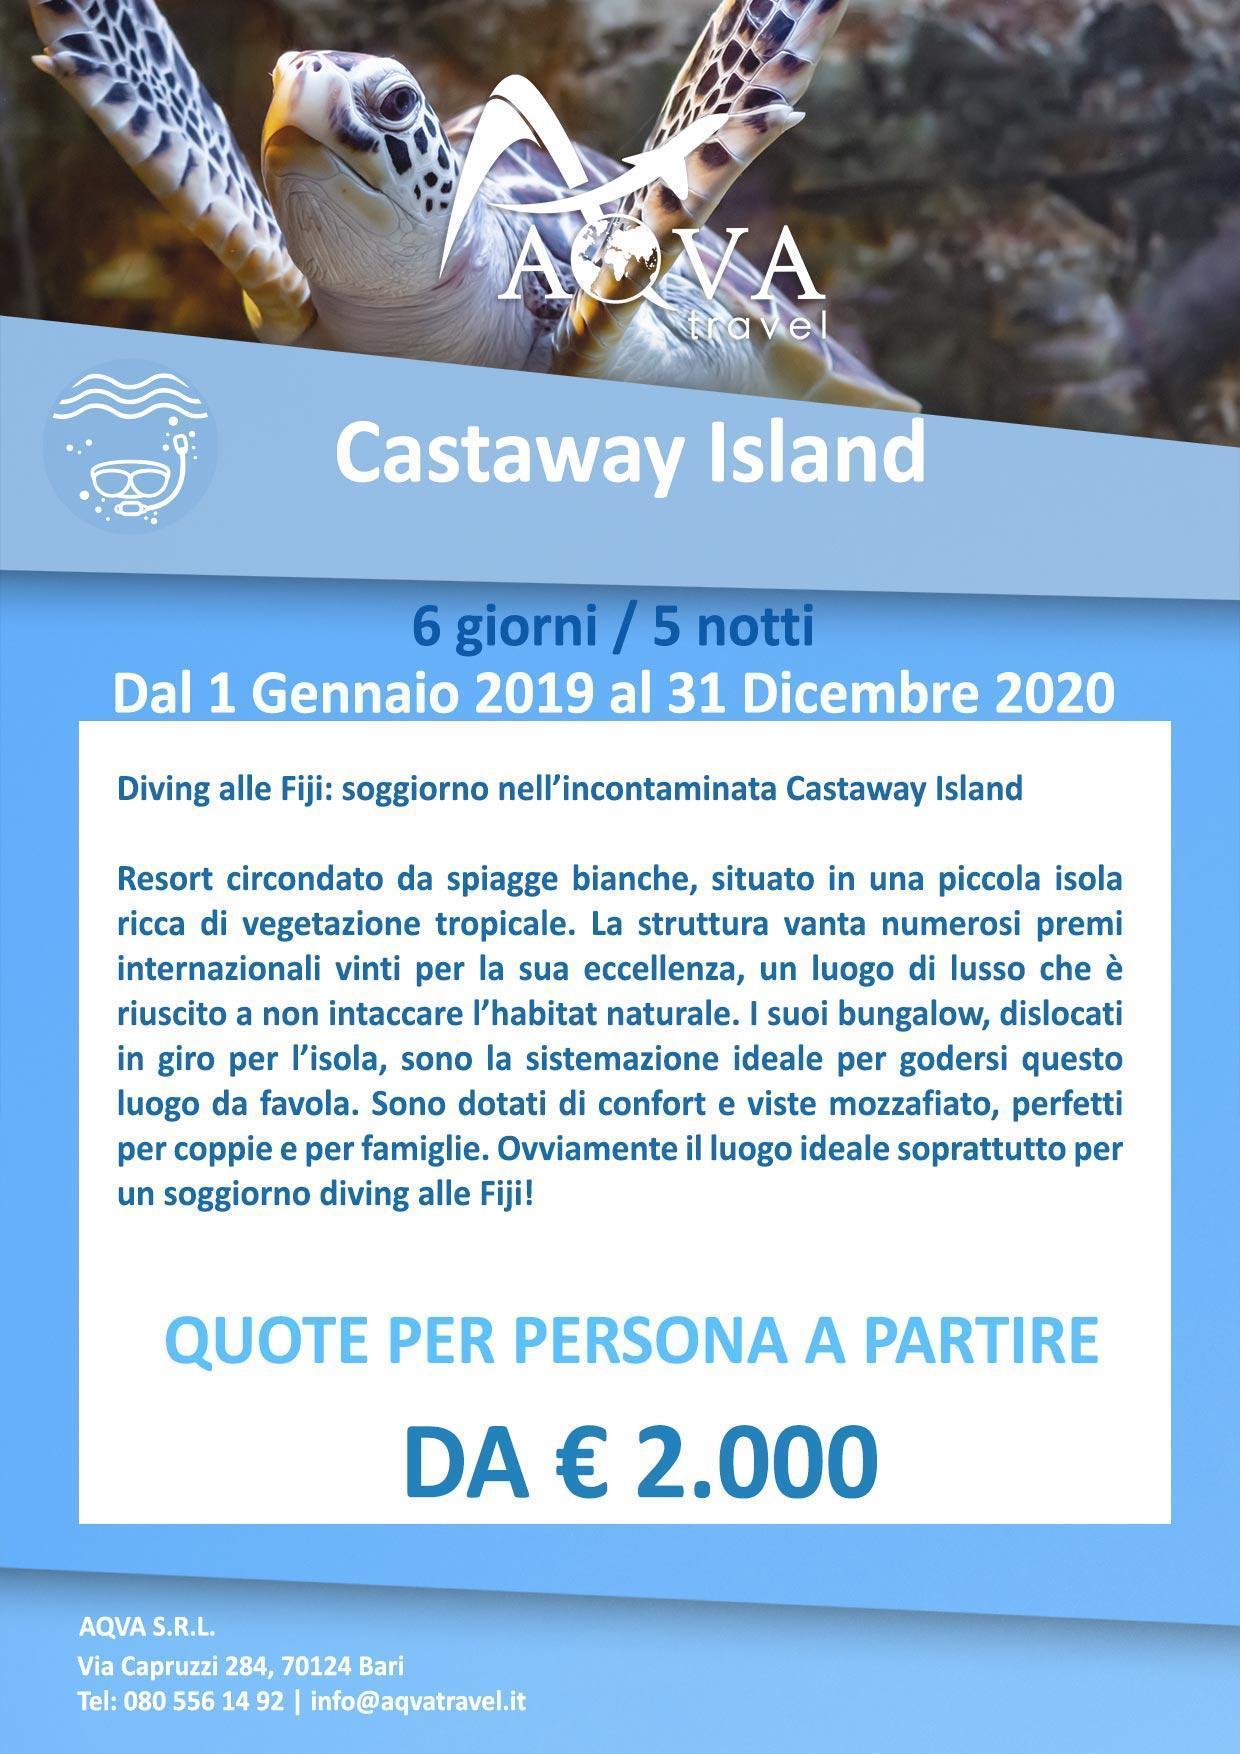 Castaway-Island-subacquea-offerte-agenzia-di-viaggi-Bari-AQVATRAVEL-it